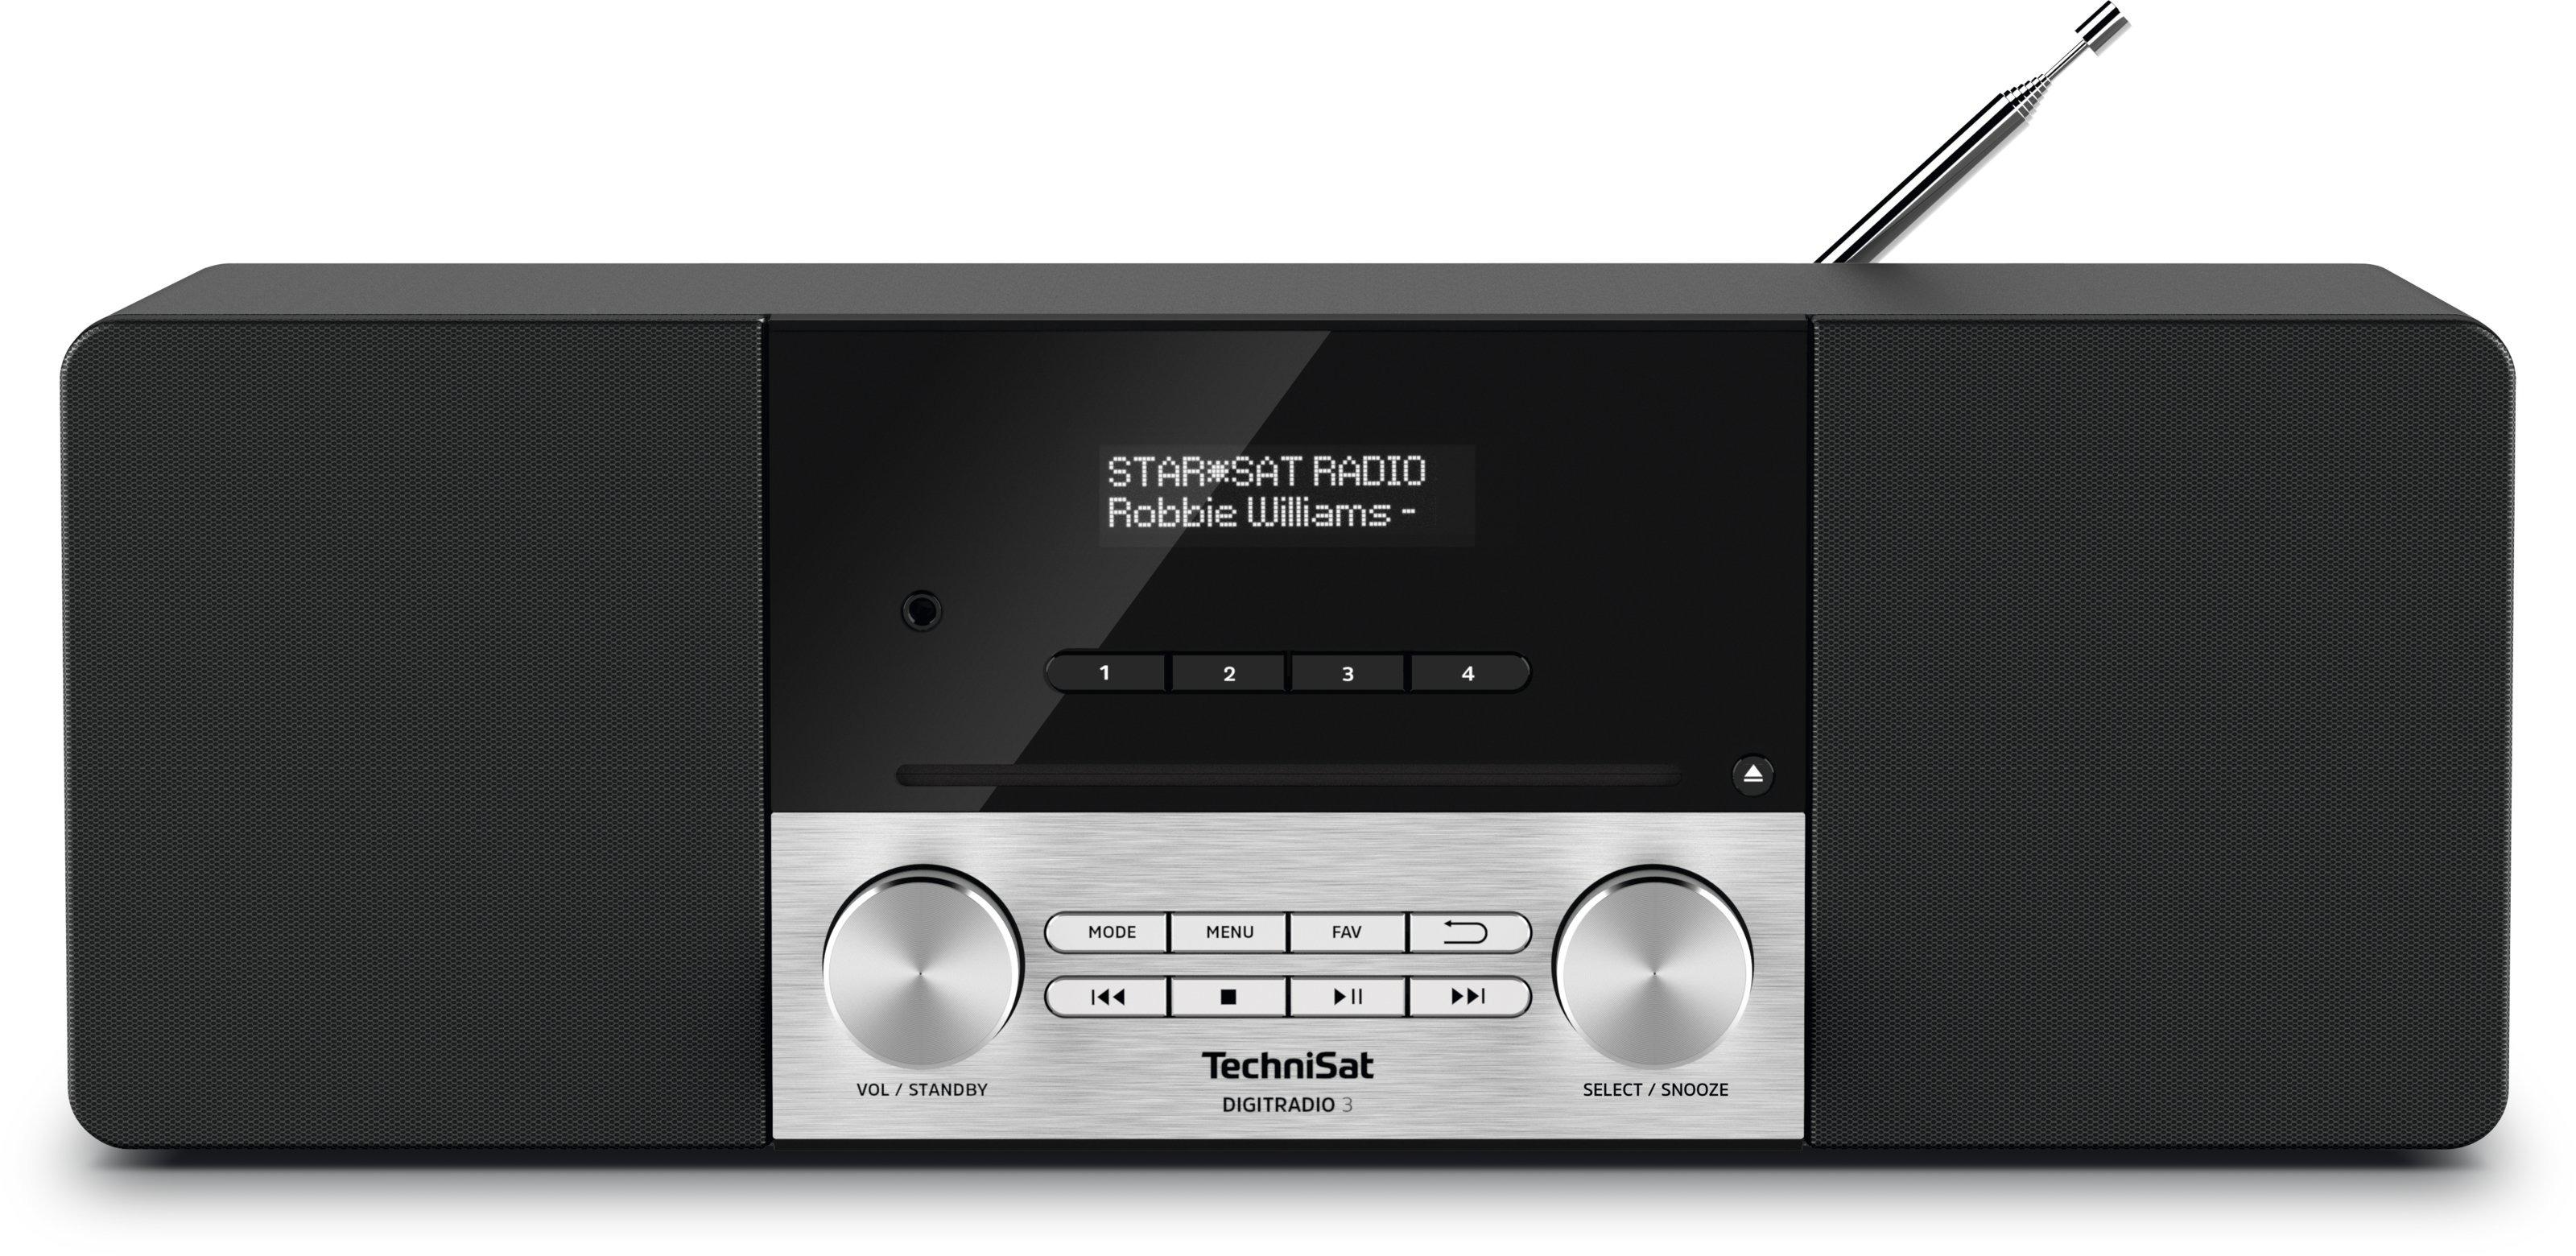 Korting TechniSat DigitRadio 3 dab radio